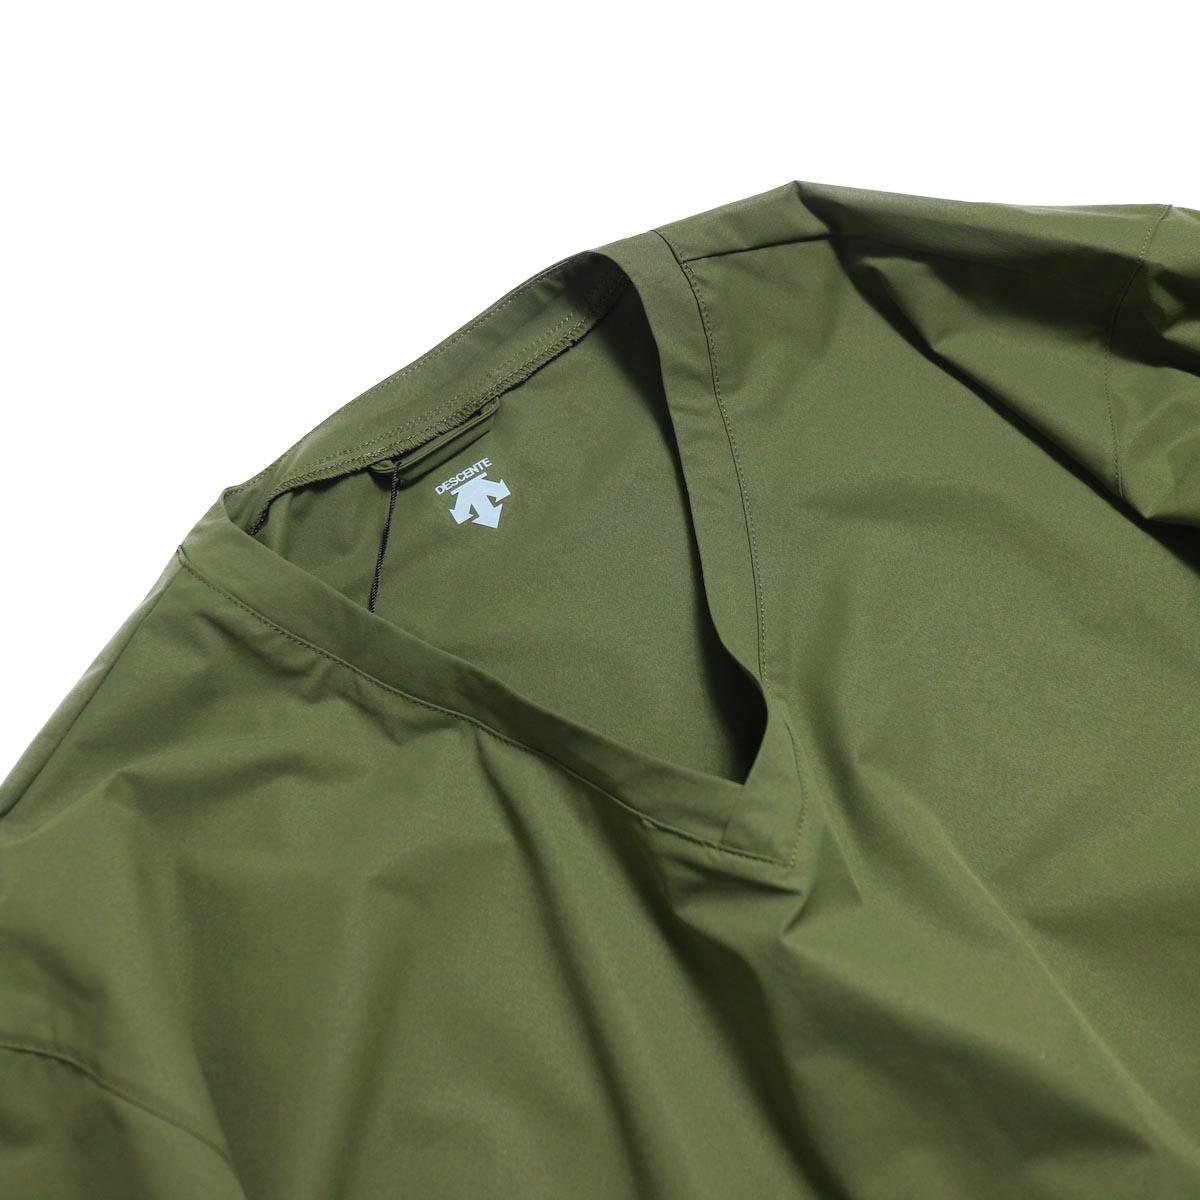 DESCENTE ddd / L/S Pullover Shirt -OGRN  Vネック